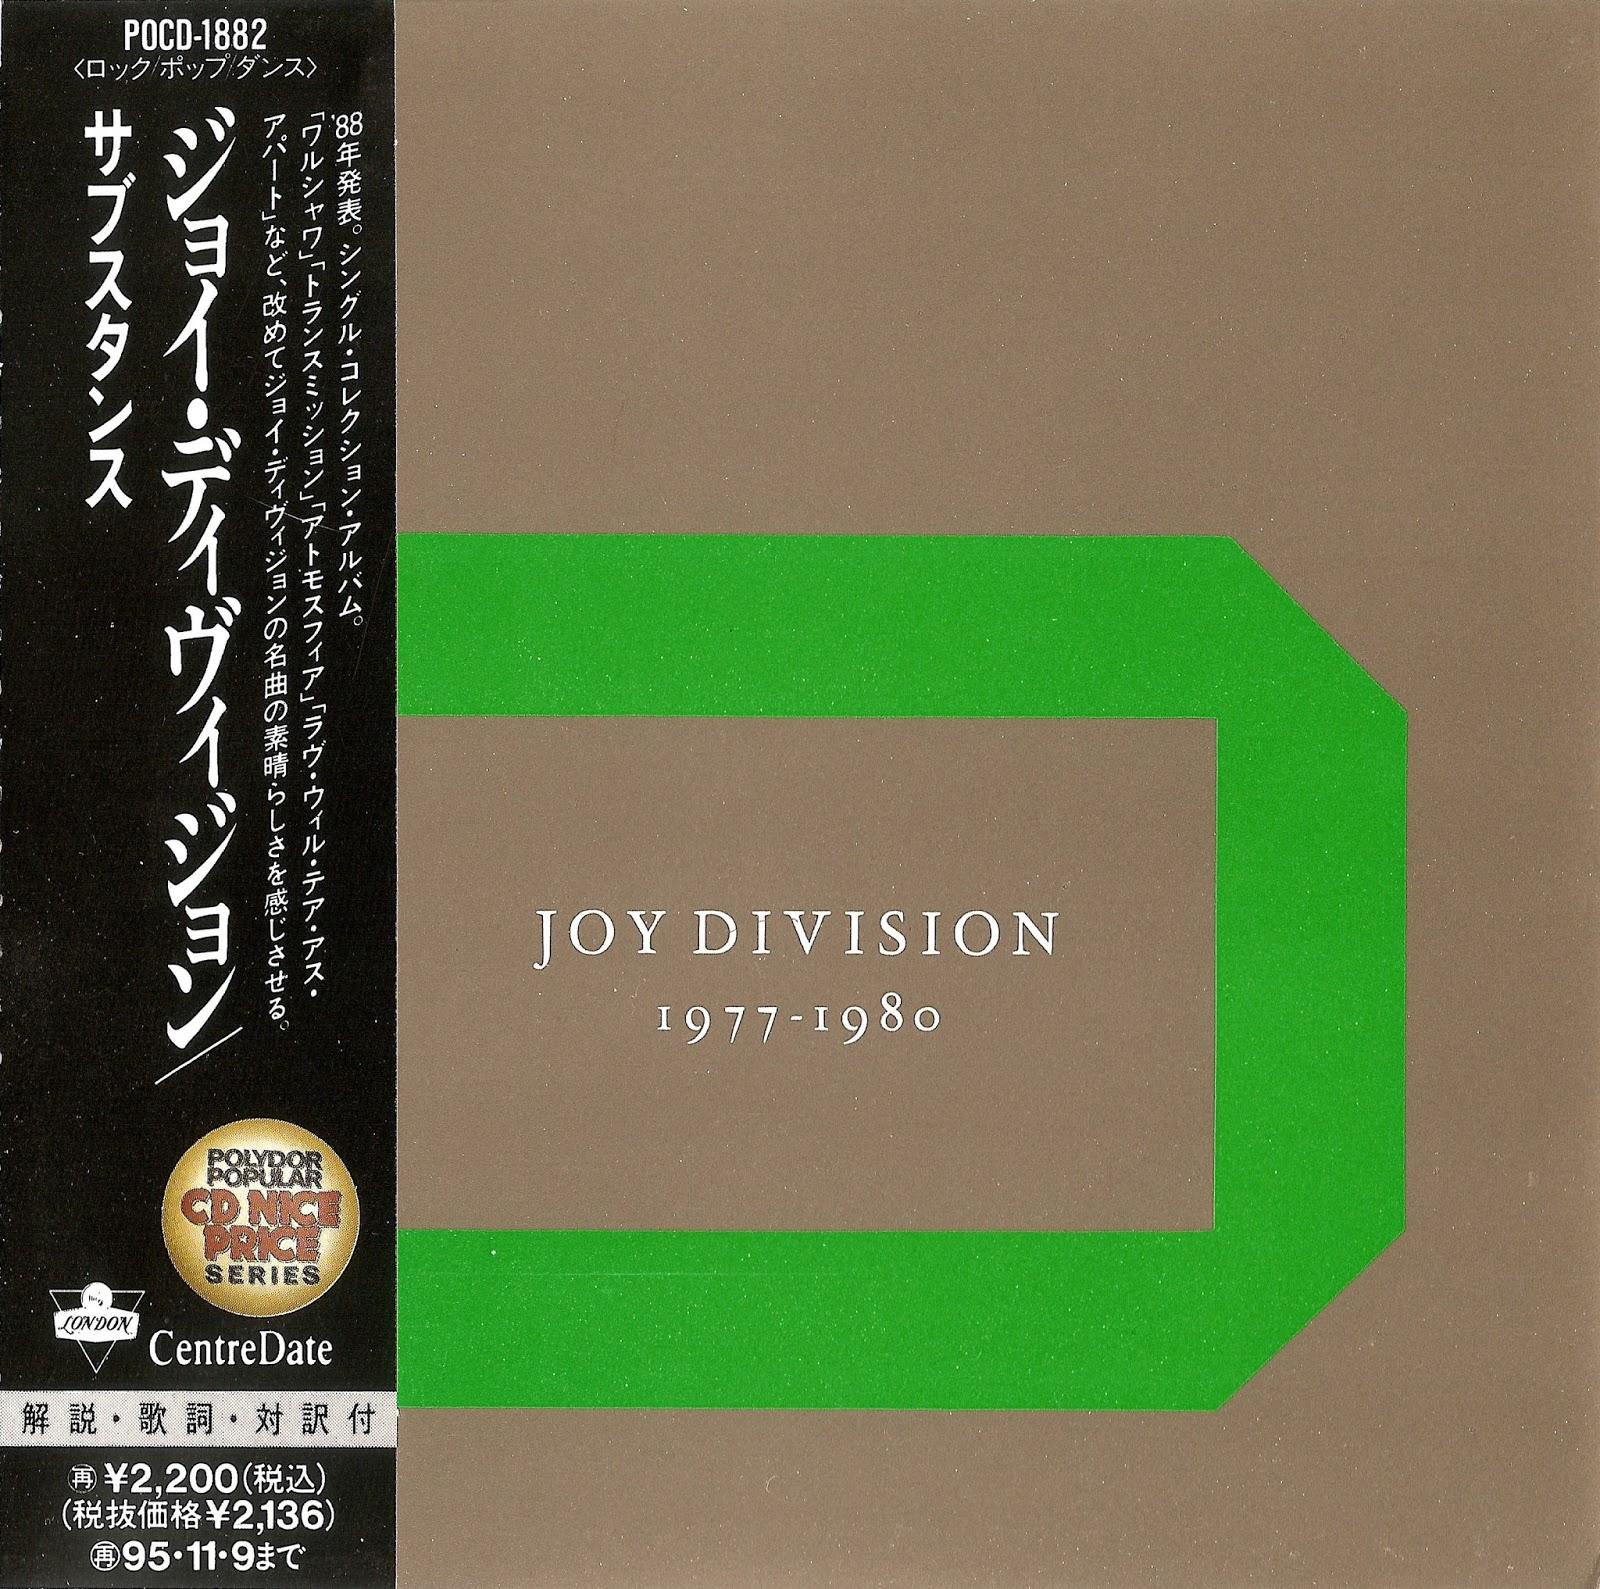 Música Libertad Del Alma: [DD] Discografía Joy Division 320